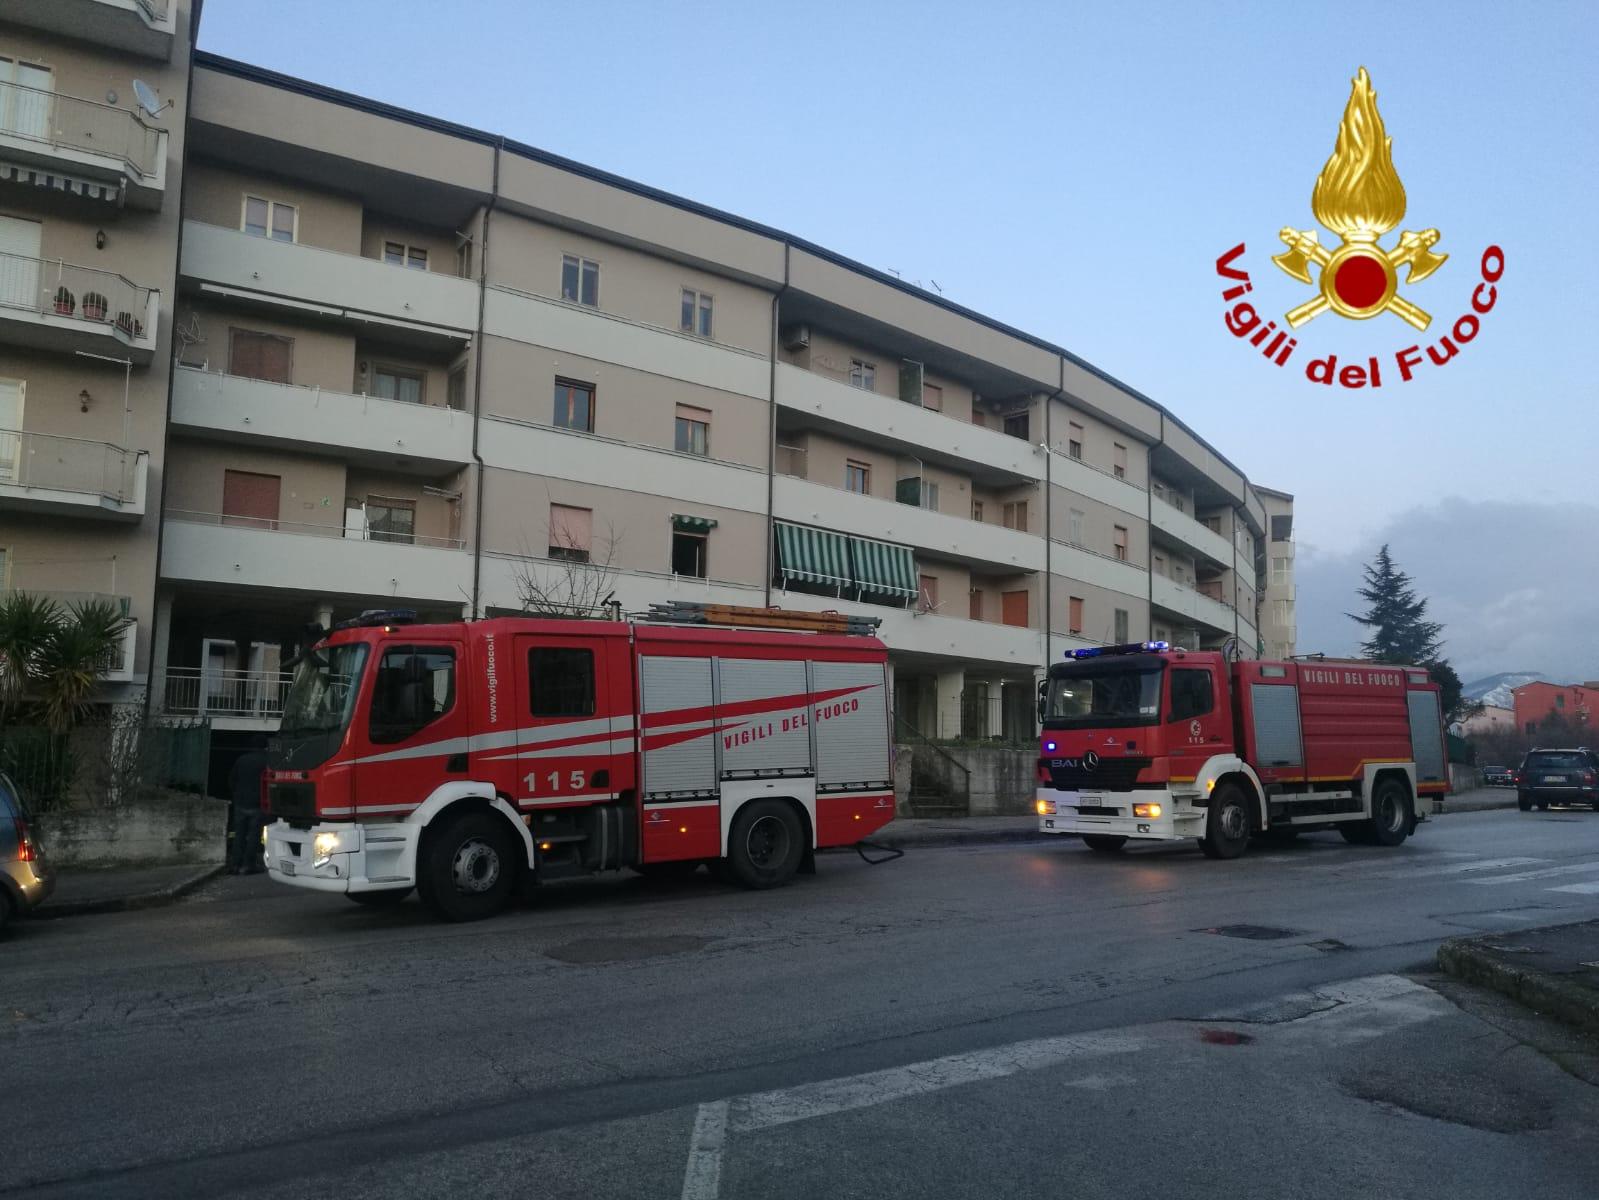 Avellino|Incendio in un garage a Rione Mazzini, sul posto 2 squadre dei vigili del fuoco